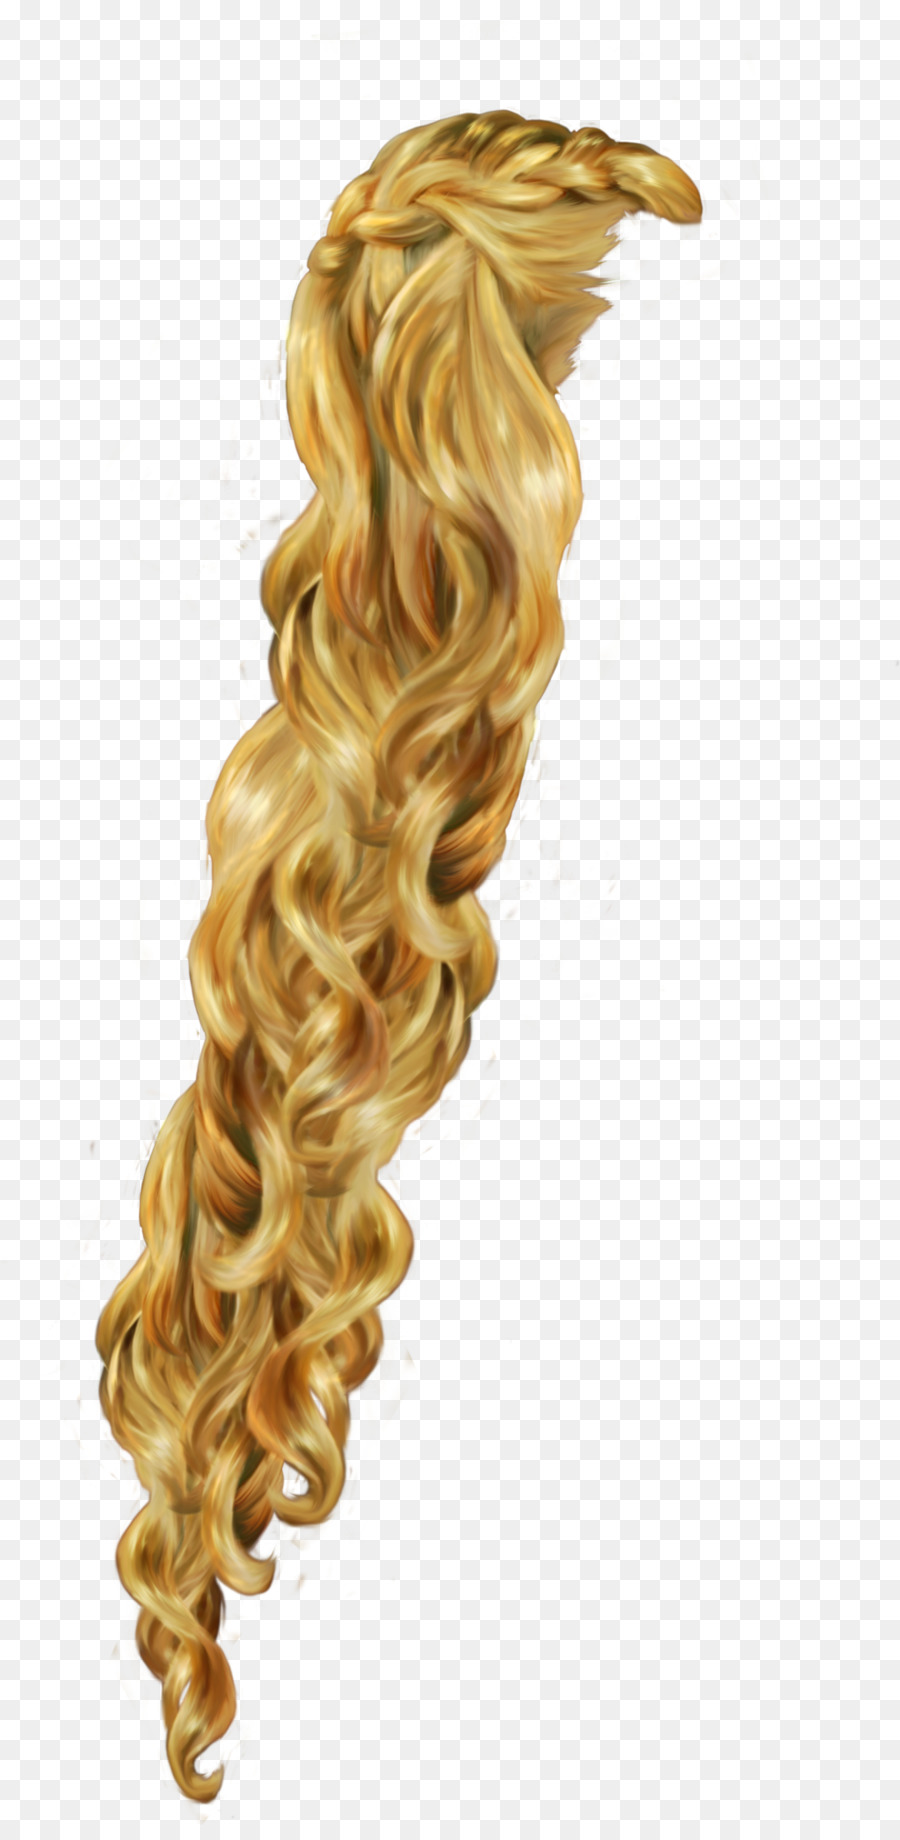 Rapunzel Hairstyle Braid Blond